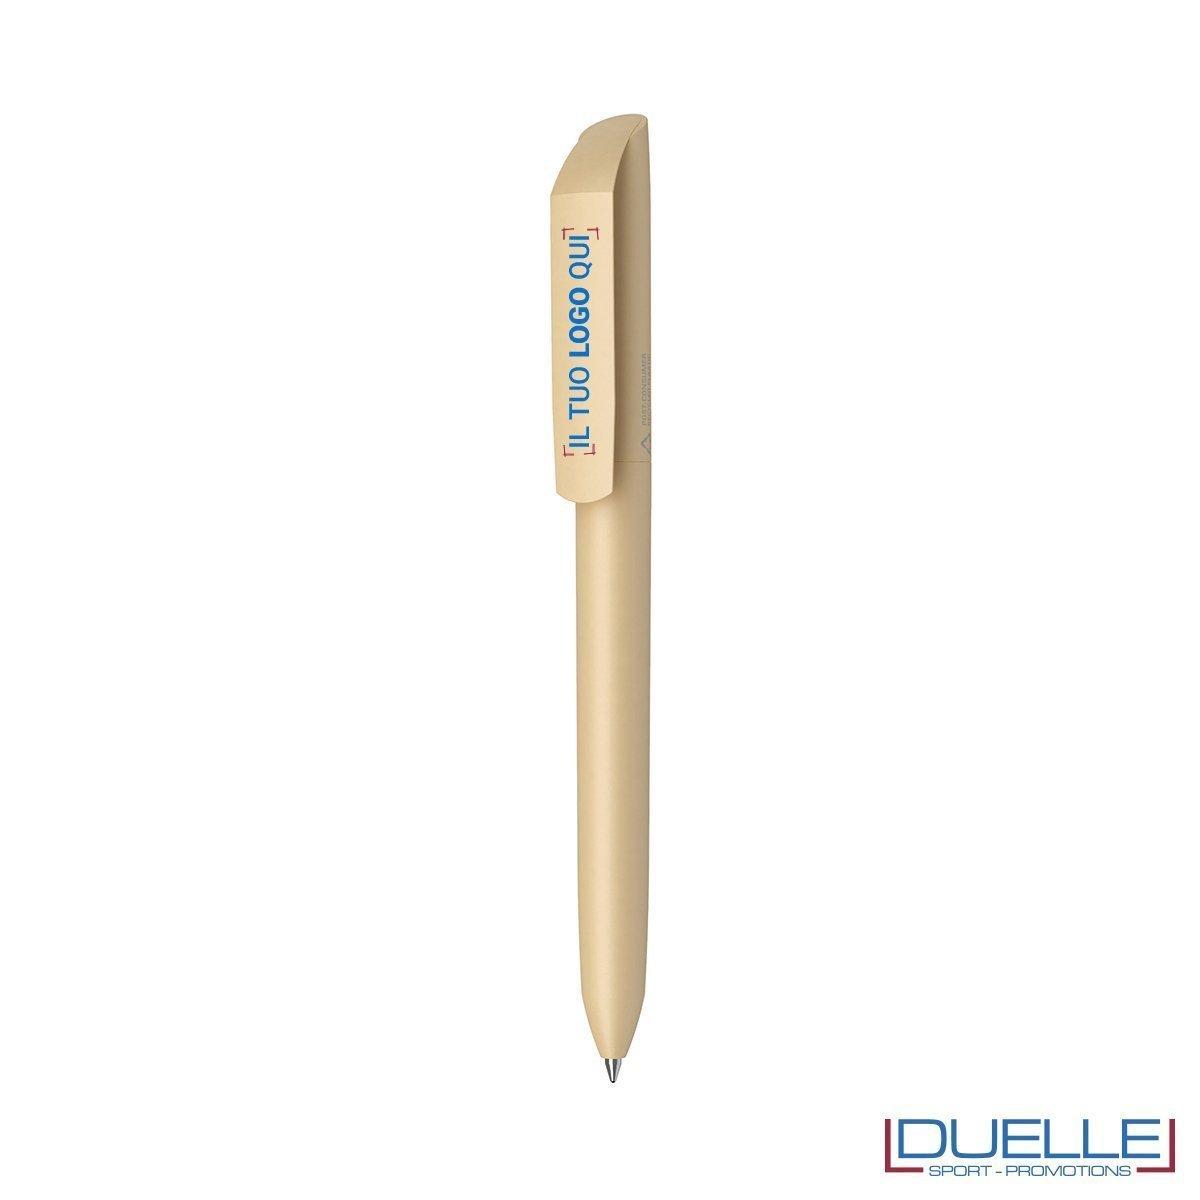 penna flow ecologica personalizzata colore beige